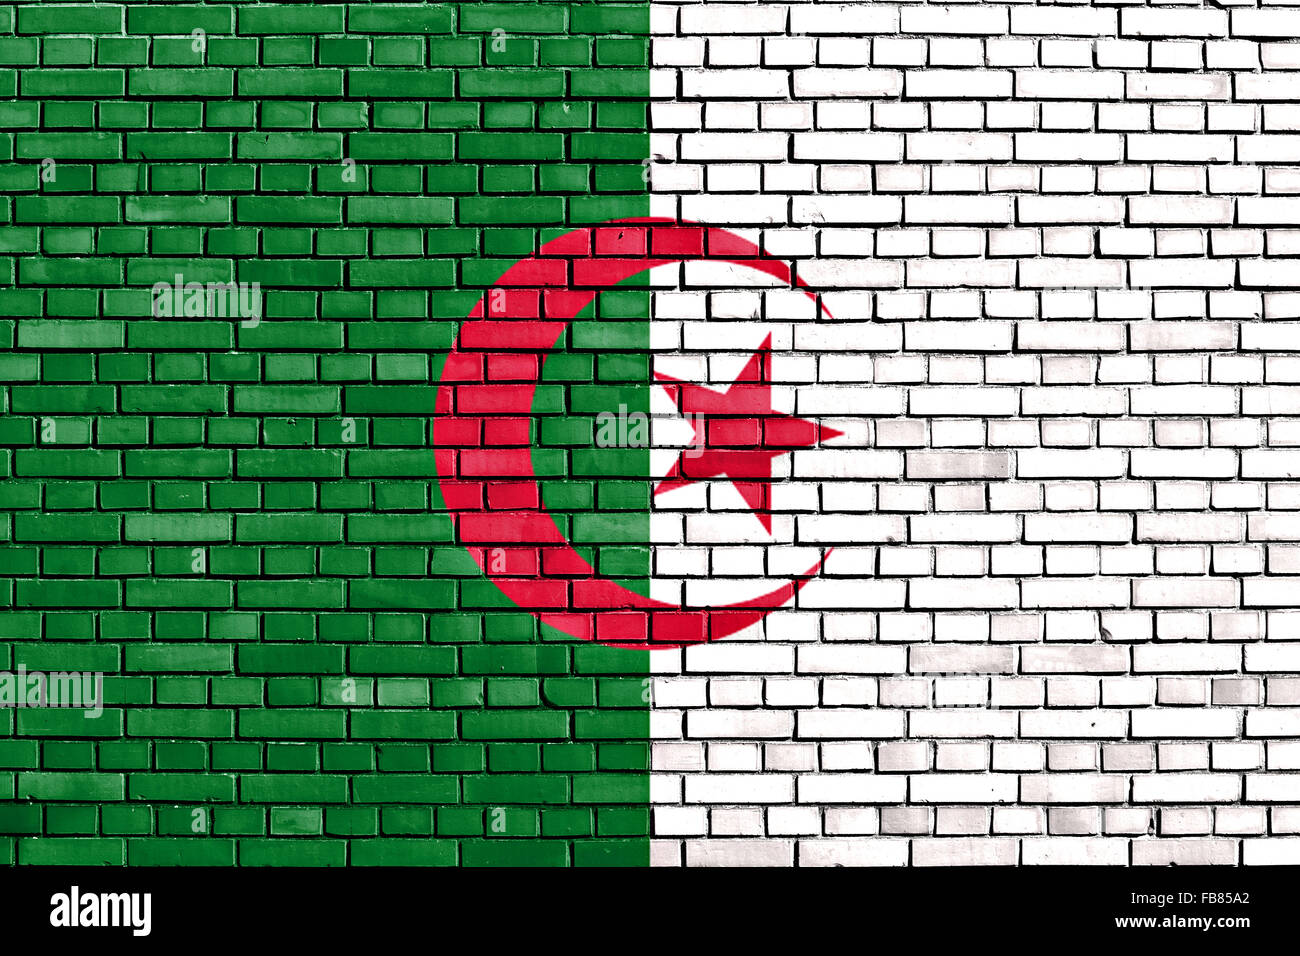 Bandera de Argelia pintado sobre la pared de ladrillo Imagen De Stock